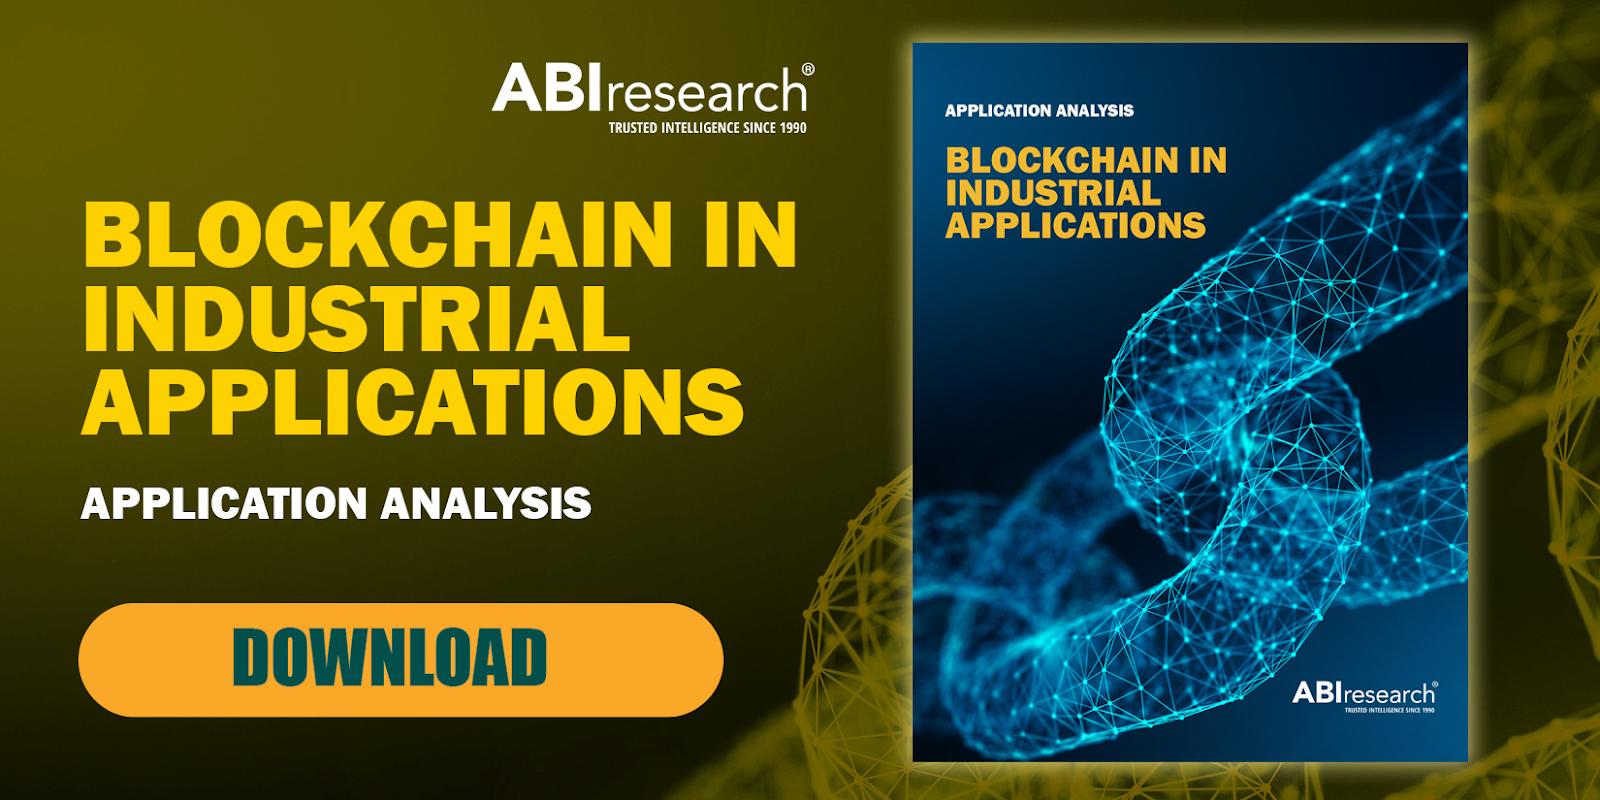 syncfab-abi-research-industrial-blockchain